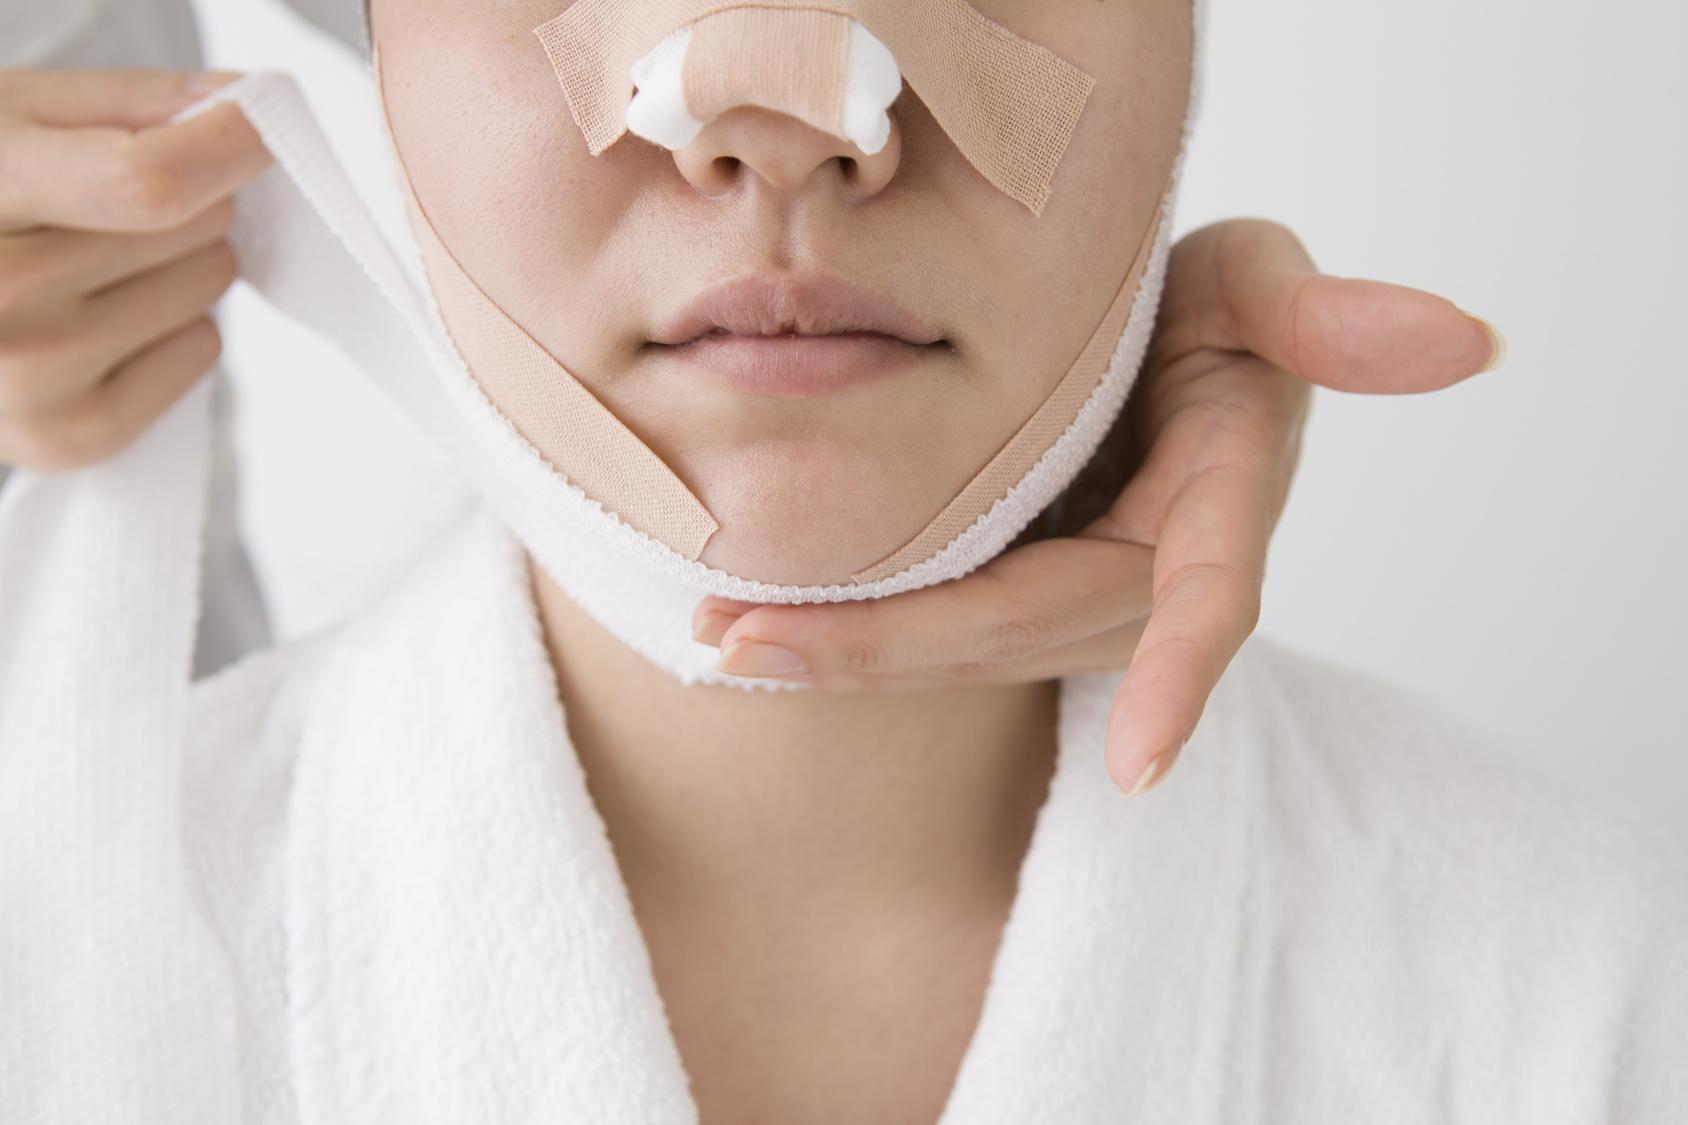 小鼻縮小術の失敗・修正・トラブル